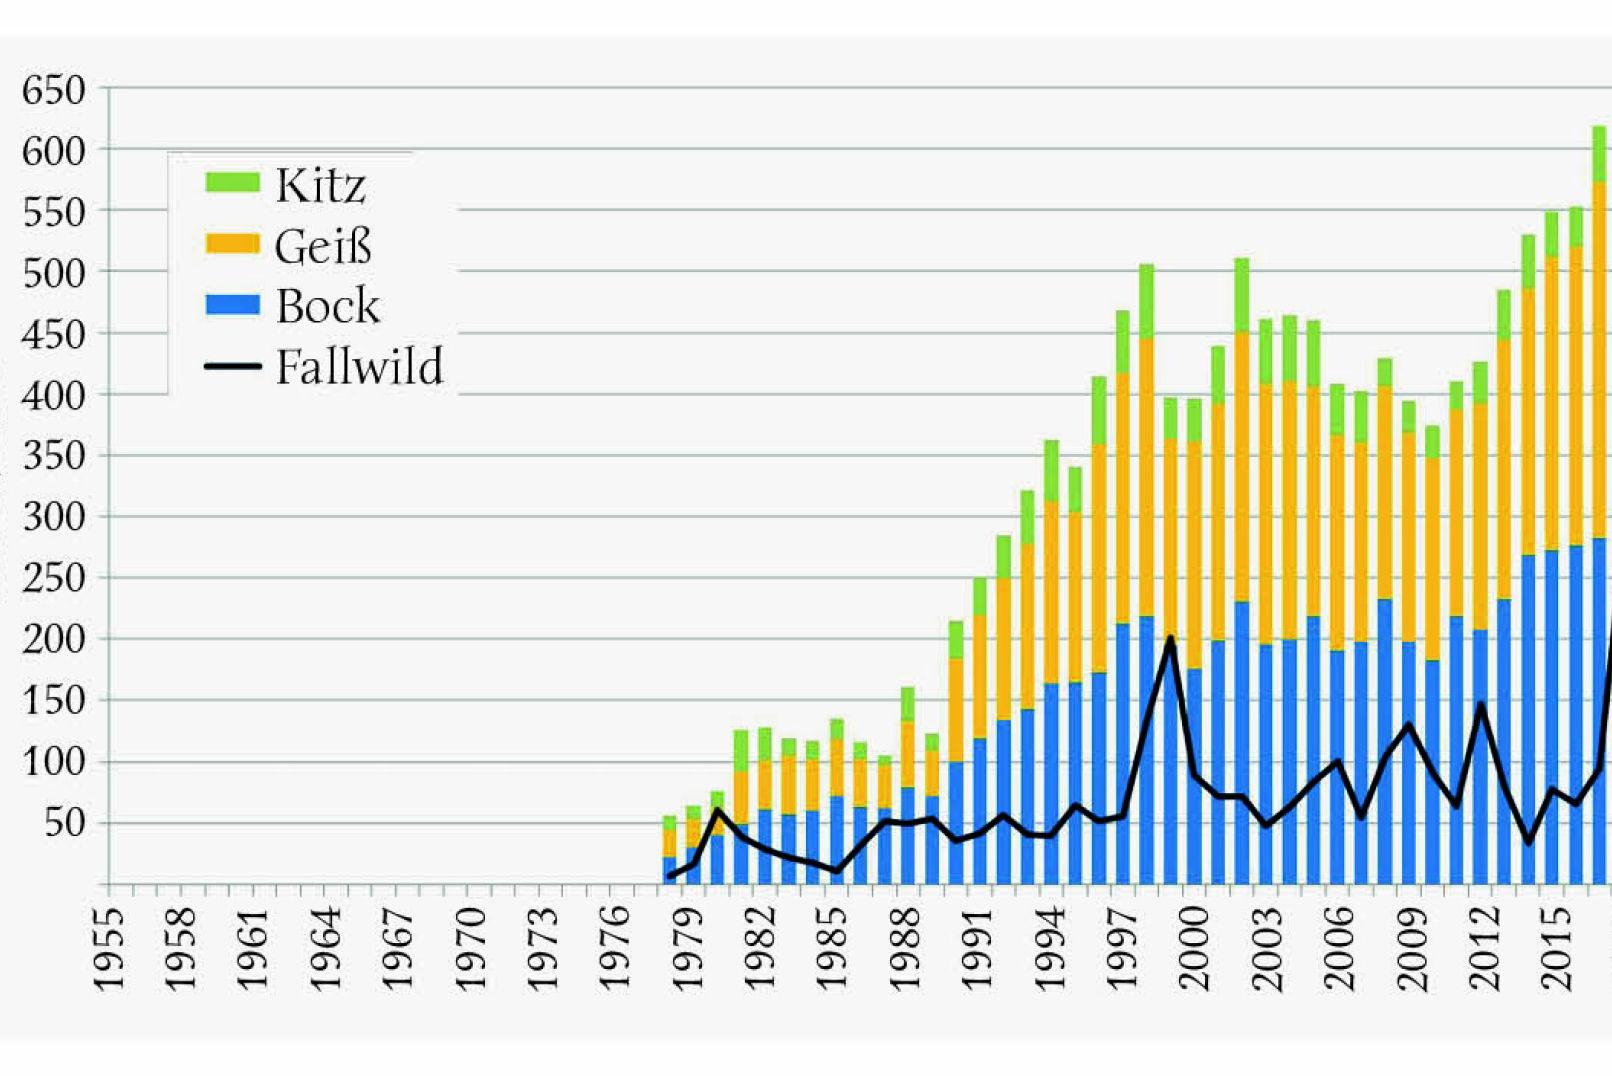 Abbildung 2 - Jährlicher Steinwildabschuss in Österreich von 1978 bis 2018, gegliedert nach Böcken, Geißen, Kitzen sowie Fallwild. - © Grafik Reimoser